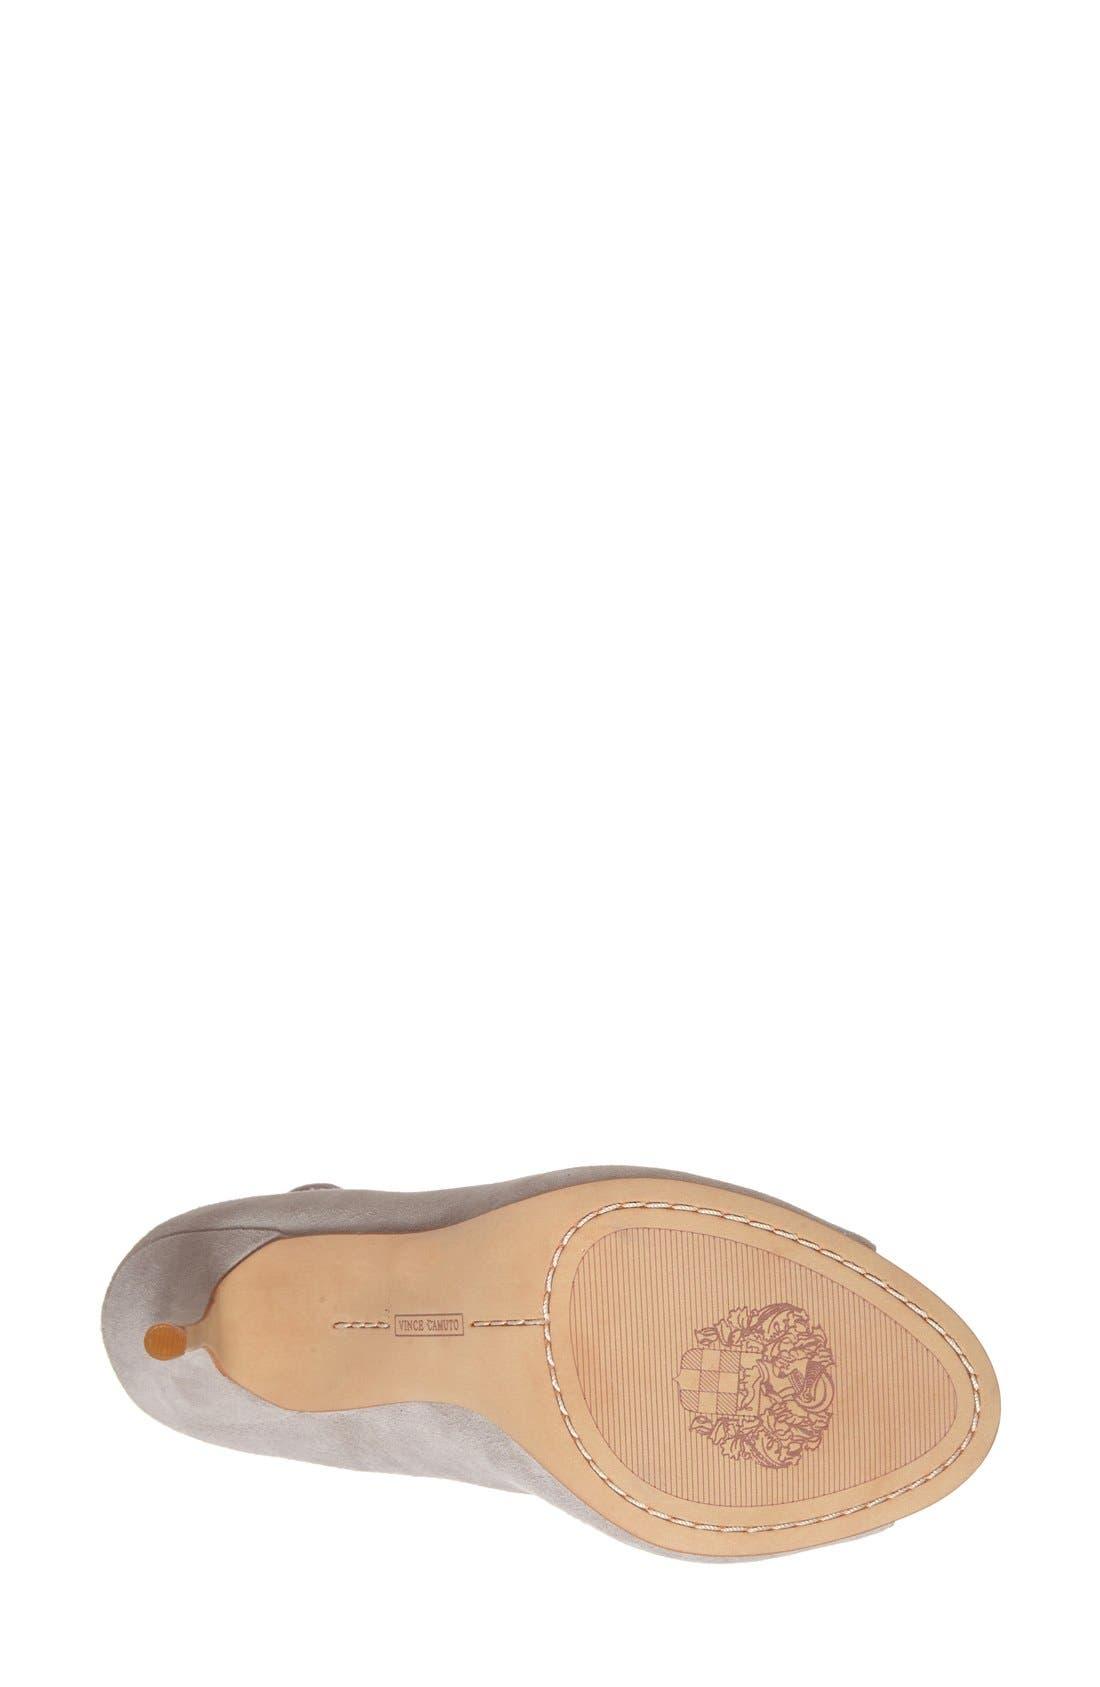 'Sandria' Peep Toe Ghillie Sandal,                             Alternate thumbnail 27, color,